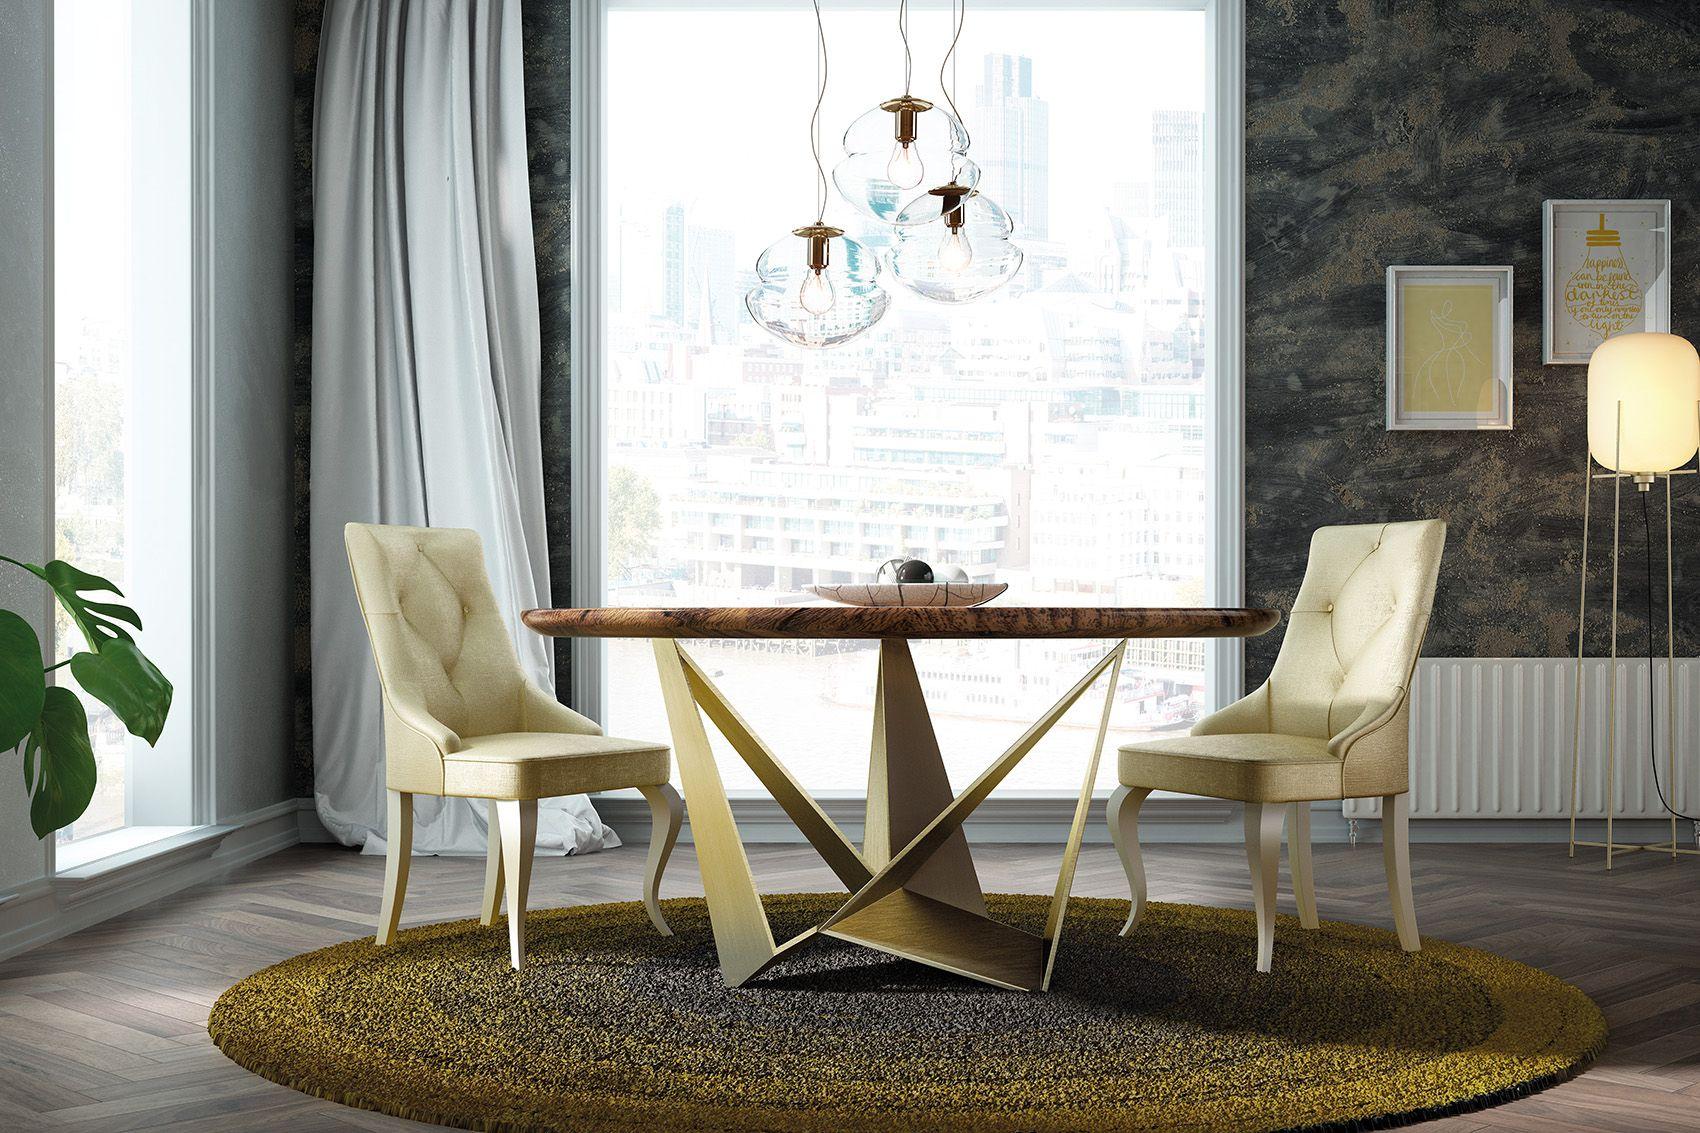 Mesa comedor mii14 franco furniture - Mesa comedor redonda ...